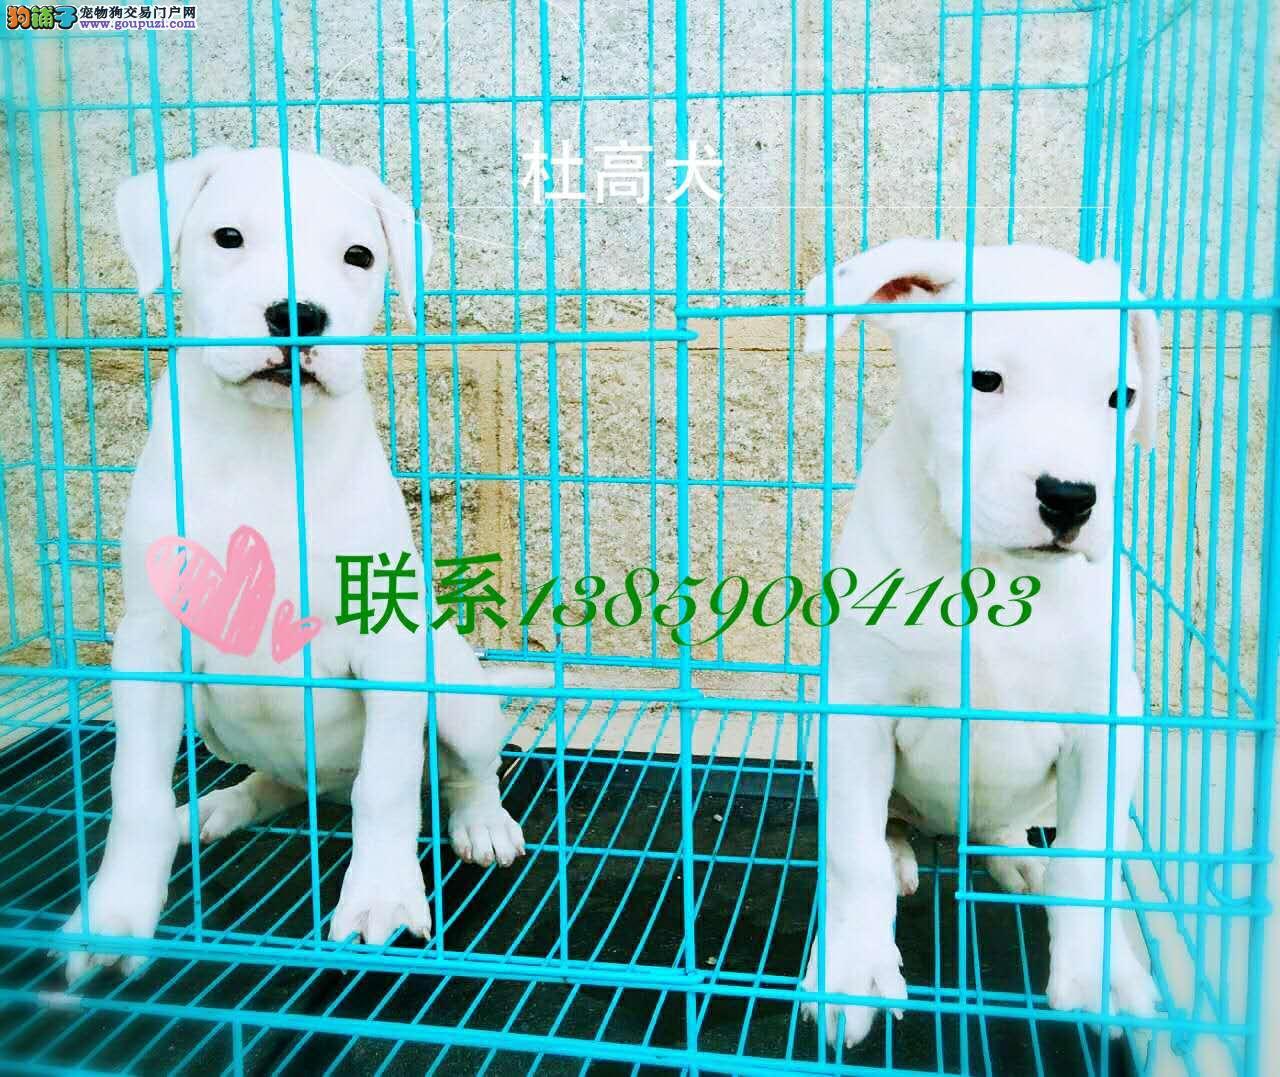 高品质猎犬杜高犬小犬出售